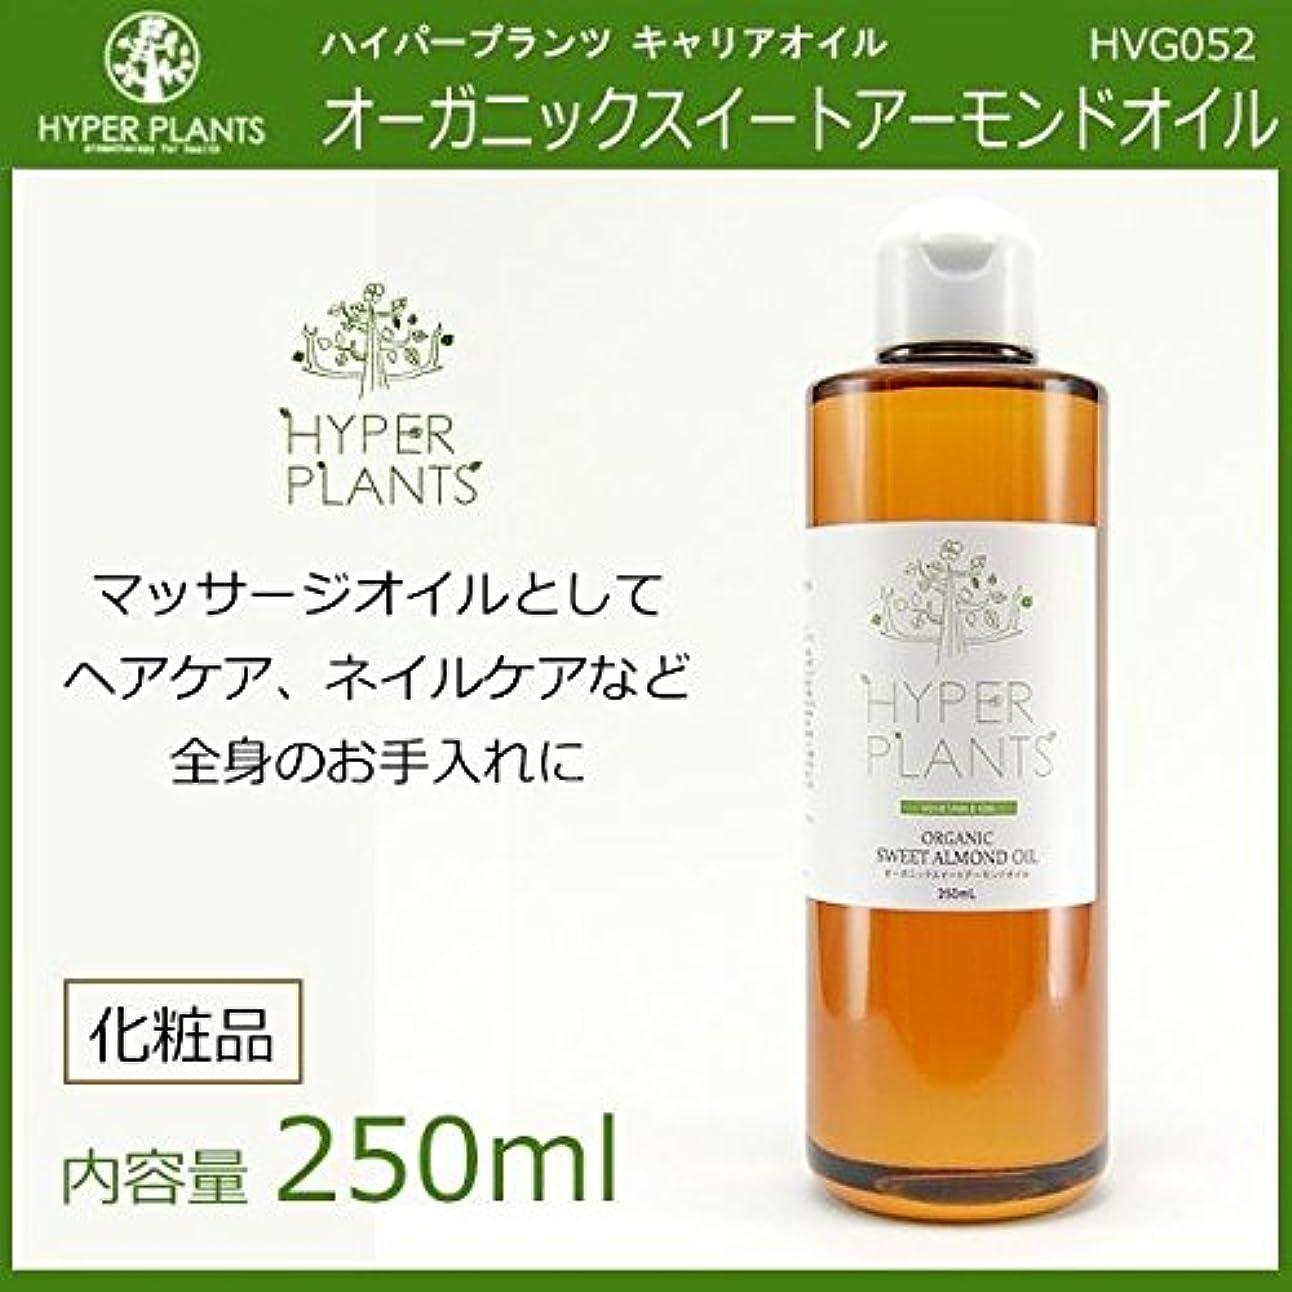 バルブサポート言語HYPER PLANTS ハイパープランツ キャリアオイル オーガニックスイートアーモンドオイル 250ml HVG052